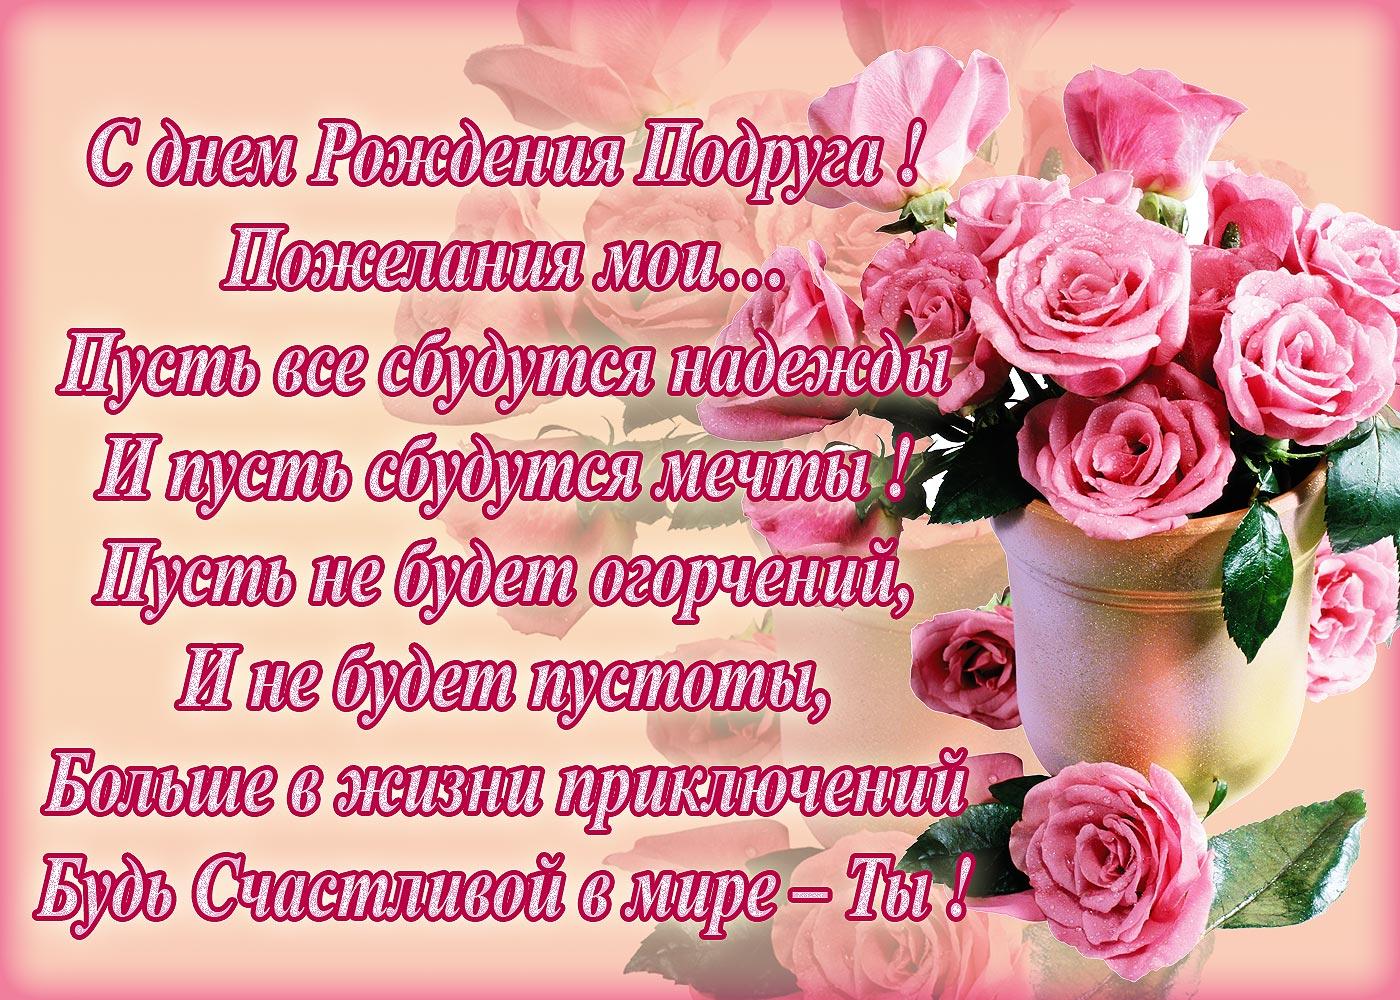 Фото цветы розы букеты с днем рождения 51